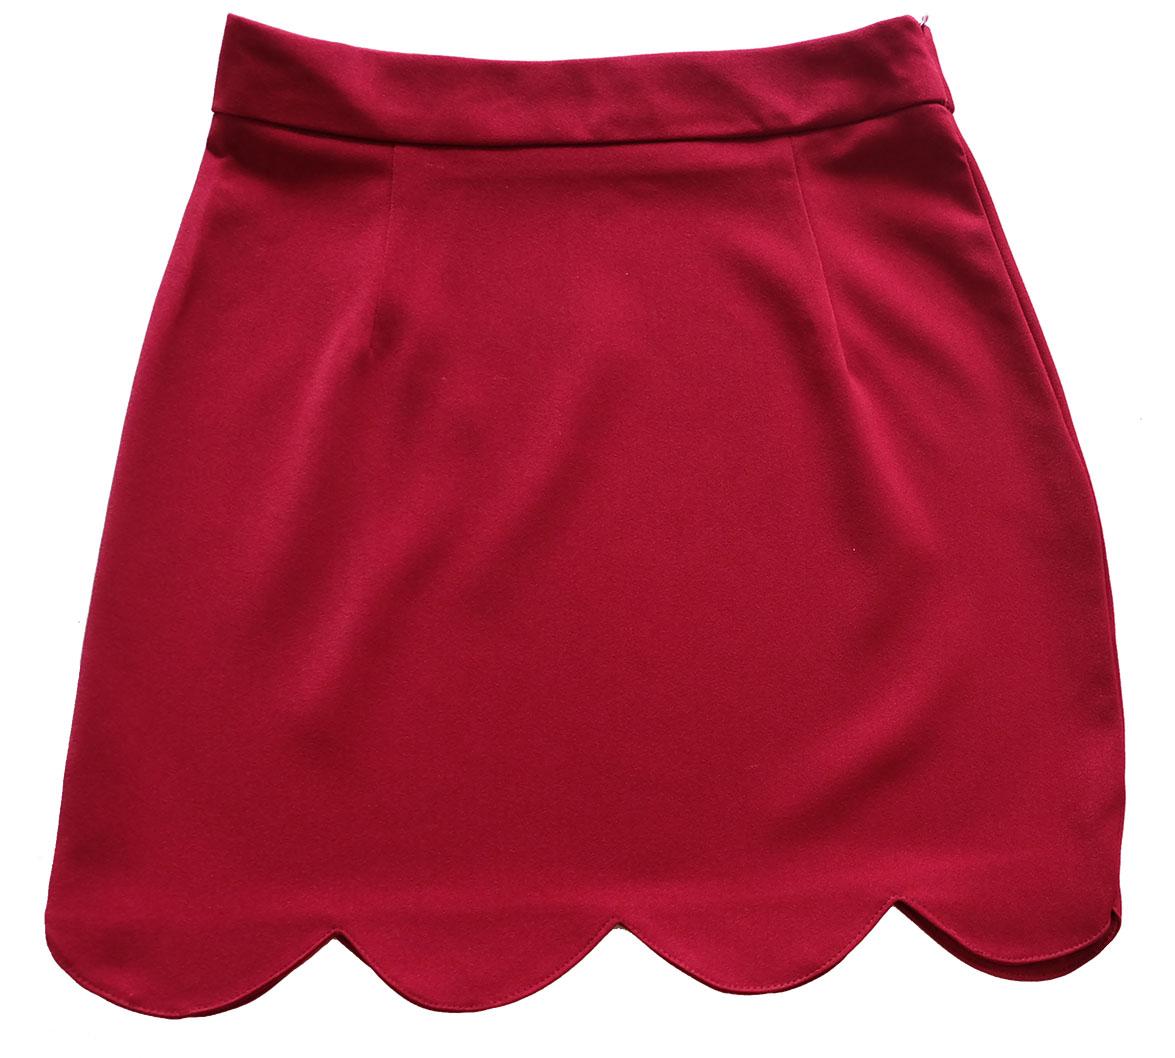 กระโปรงปลายหยัก ผ้าฮานาโกะ สีเลือดหมู Size S M L XL